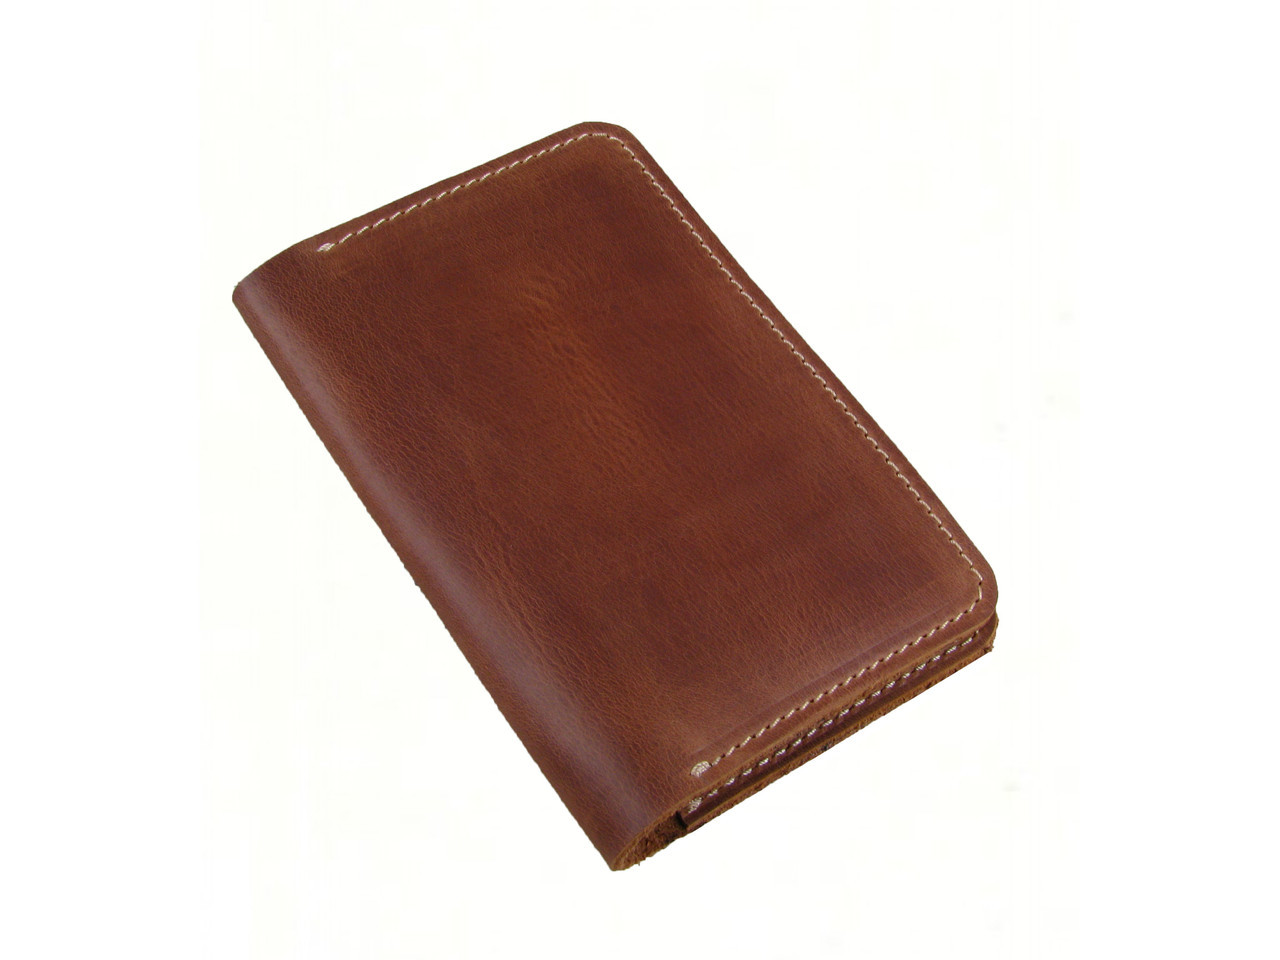 Обложка для паспорта GS кожаная рыжая